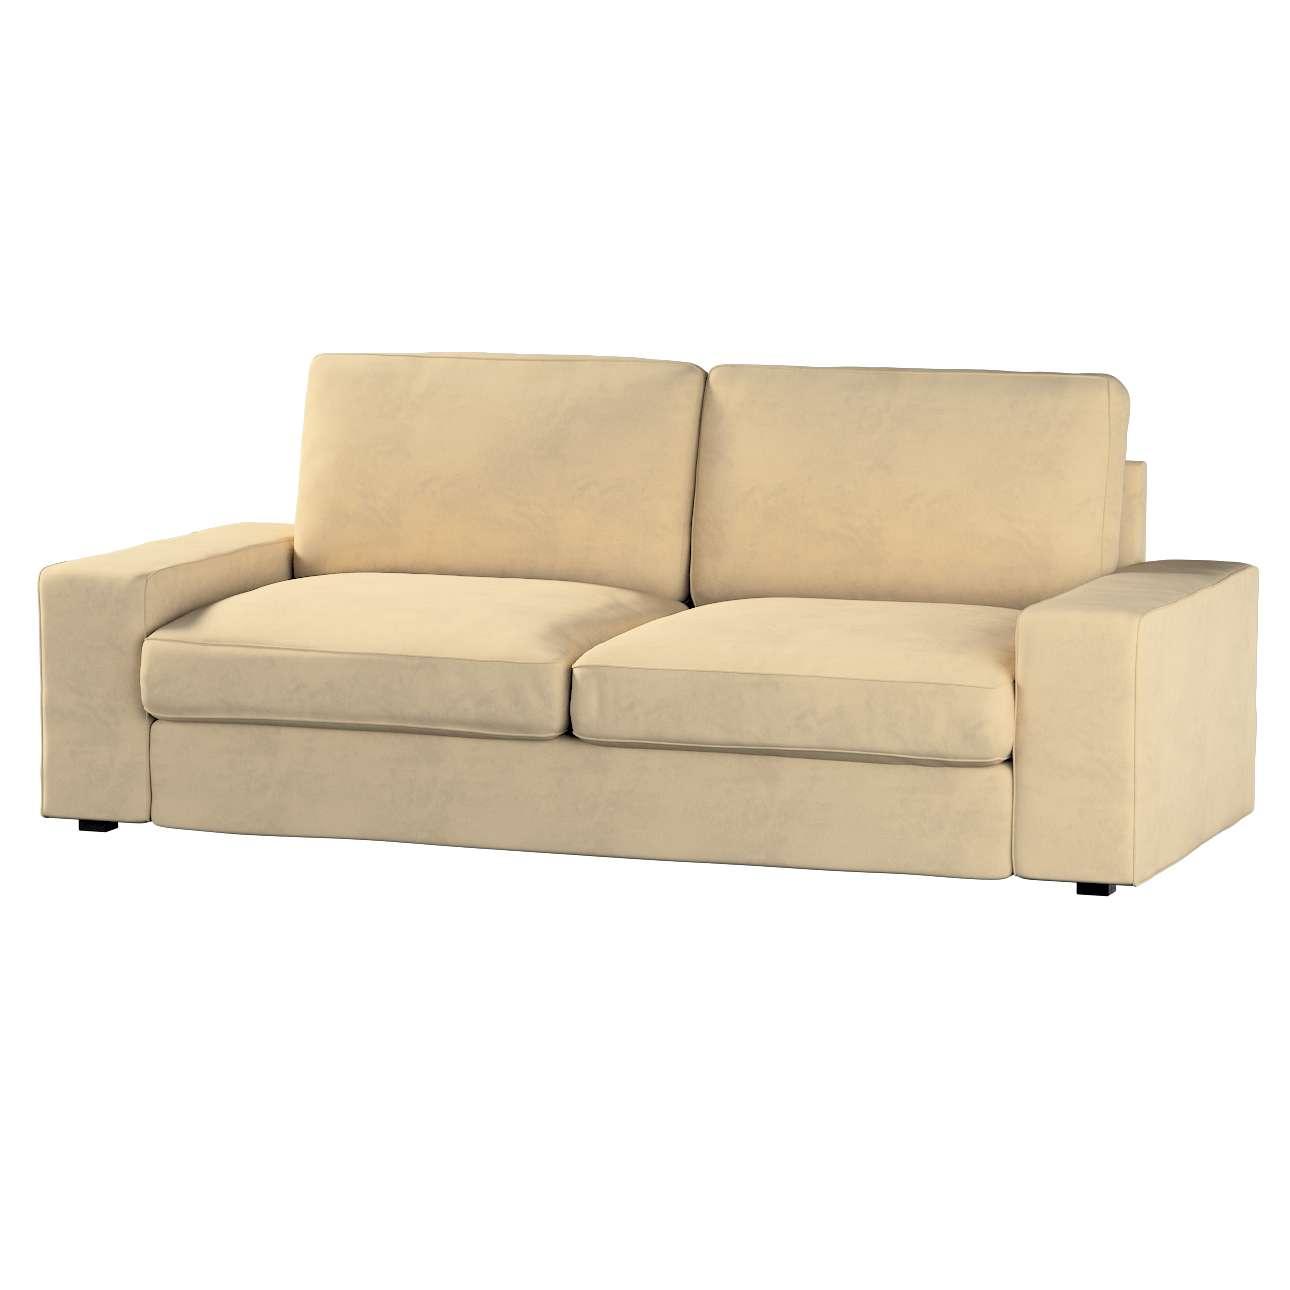 Kivik 3-Sitzer Sofabezug, sandfarben, Bezug für Sofa Kivik 3-Sitzer, Living günstig online kaufen